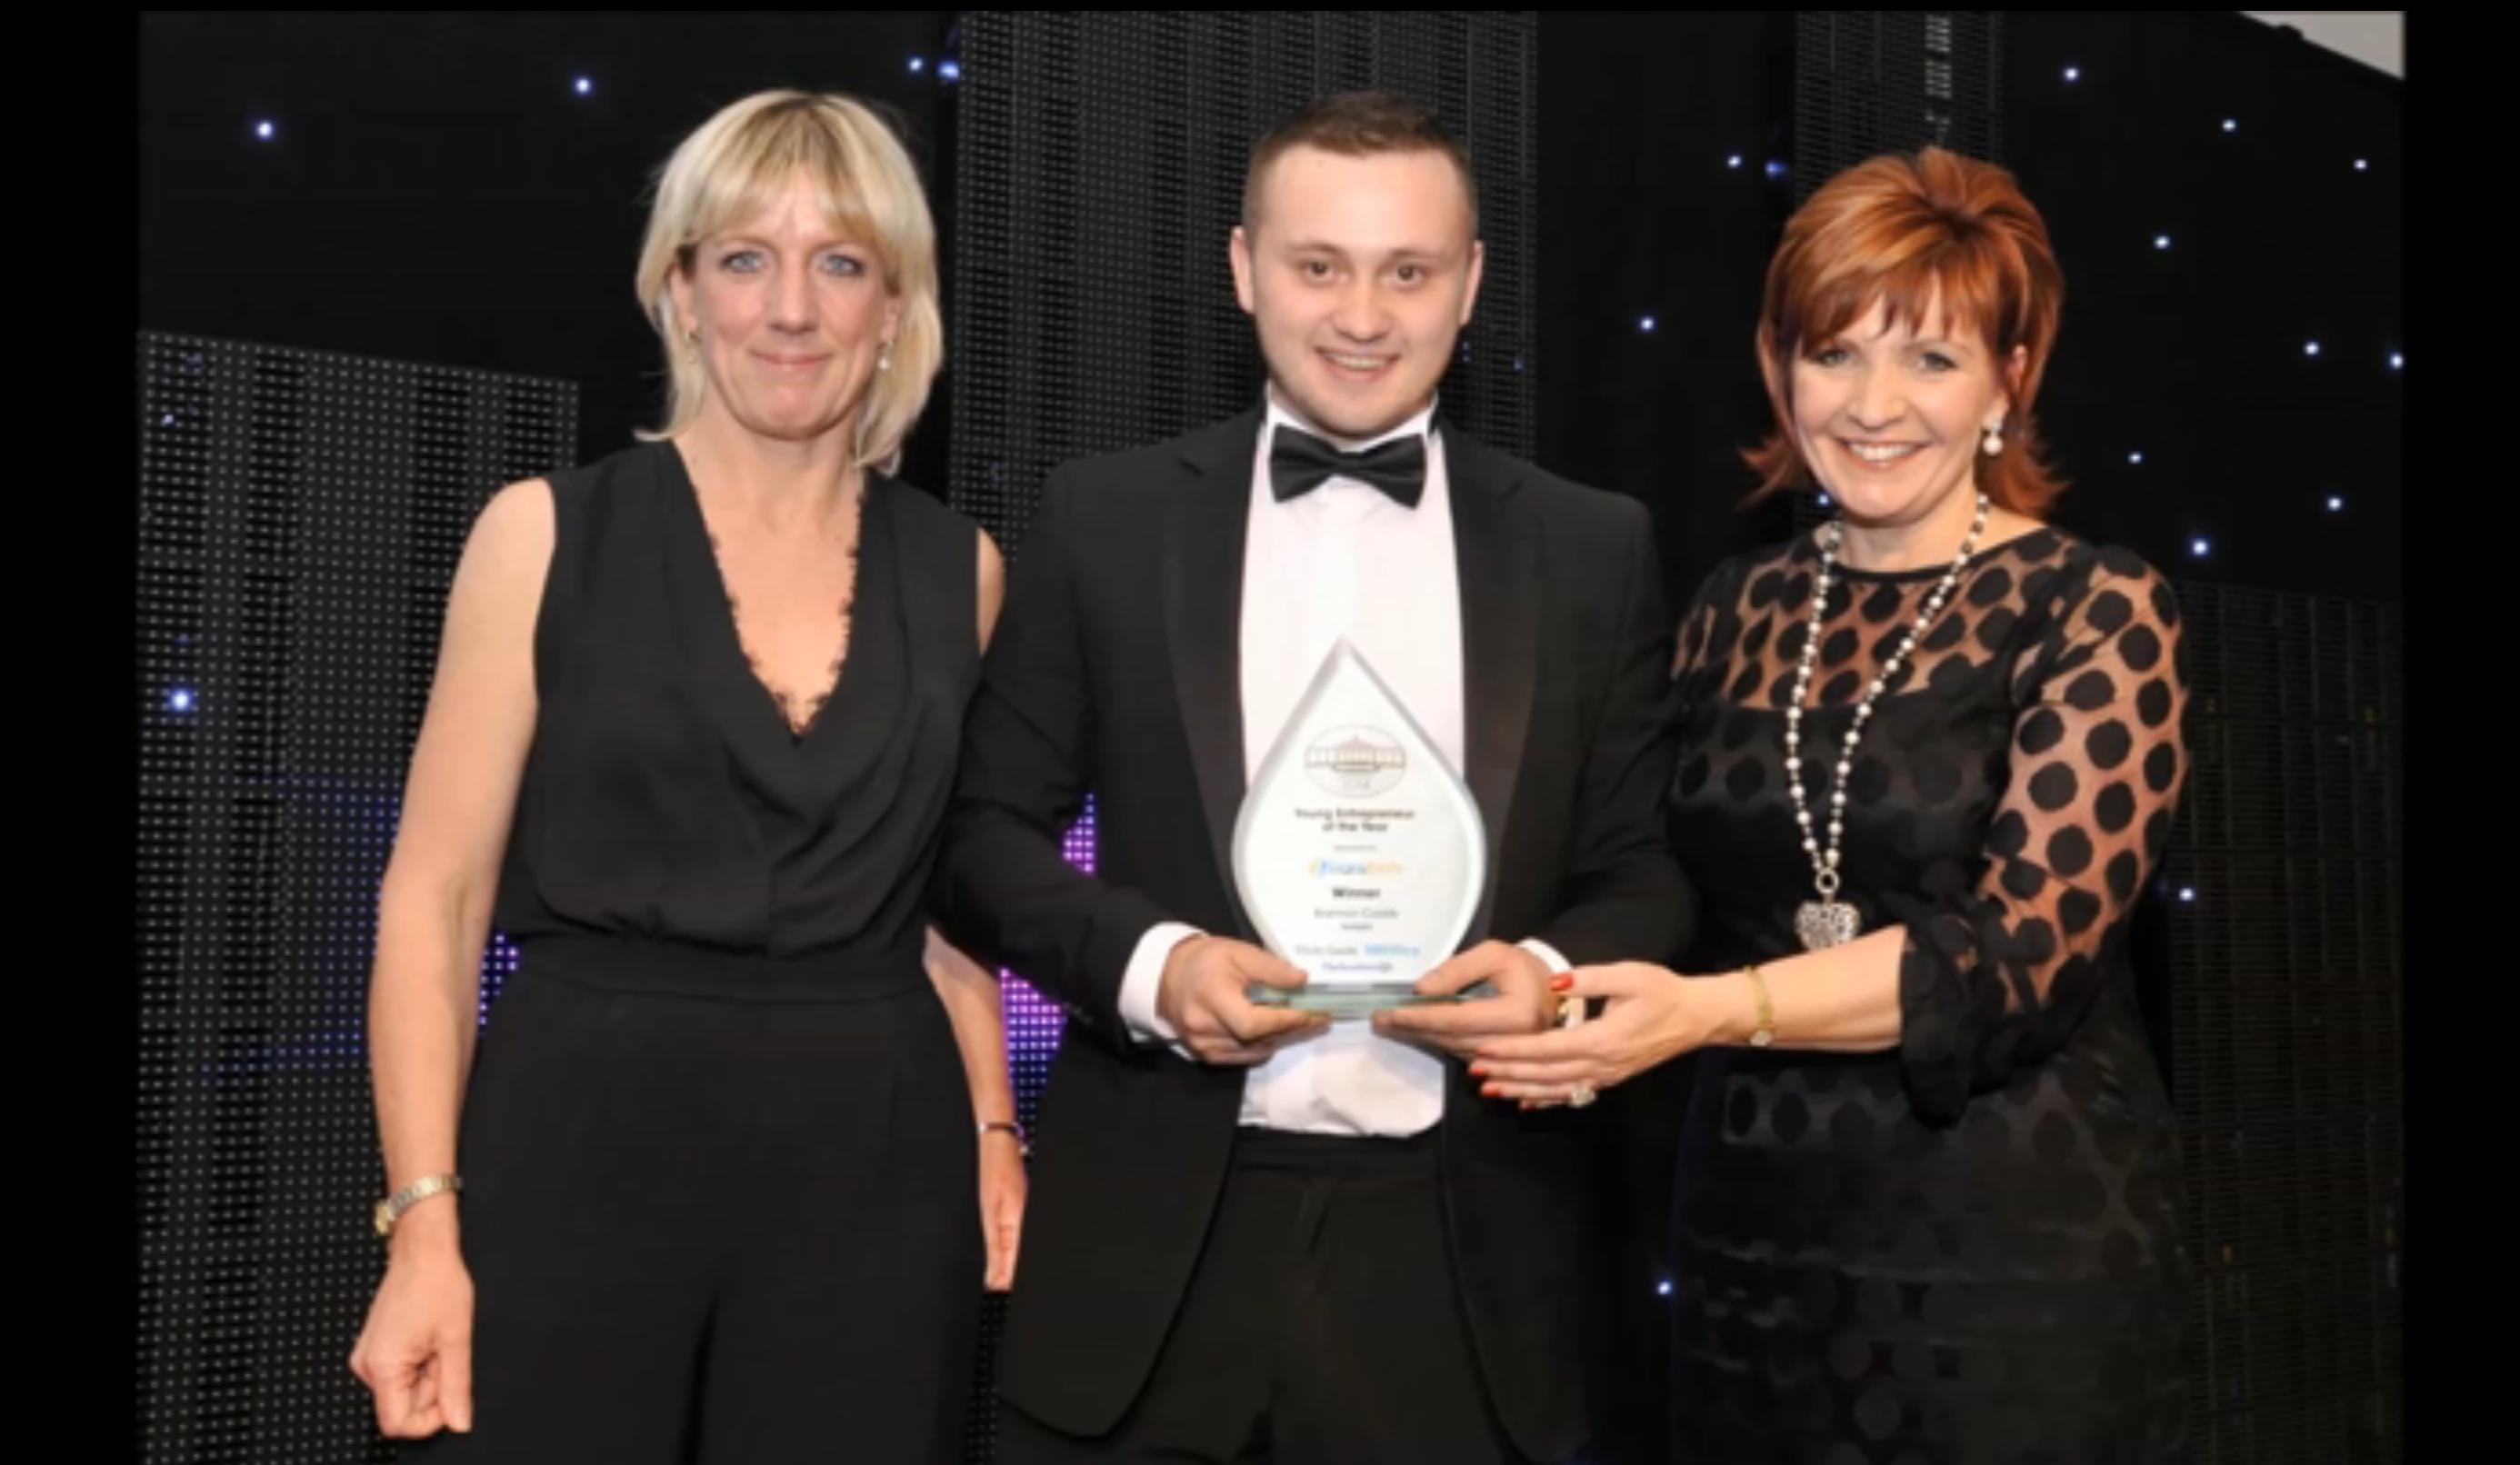 Brannan Coady recieving his award